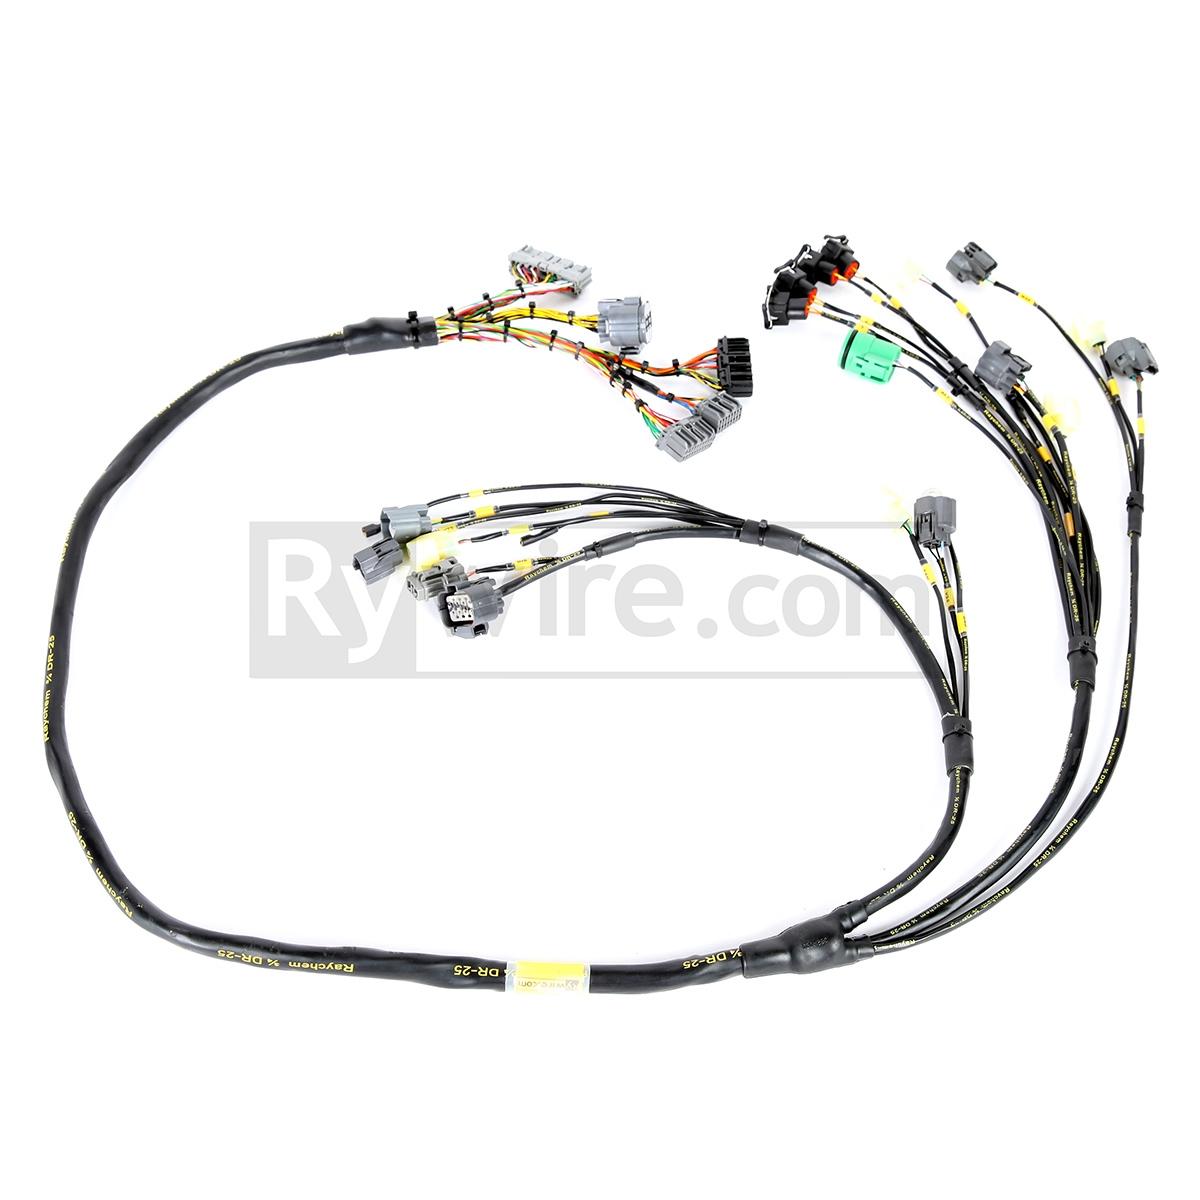 hight resolution of obd1 mil spec d b series tucked engine harness honda obd1 wiring harness mil spec